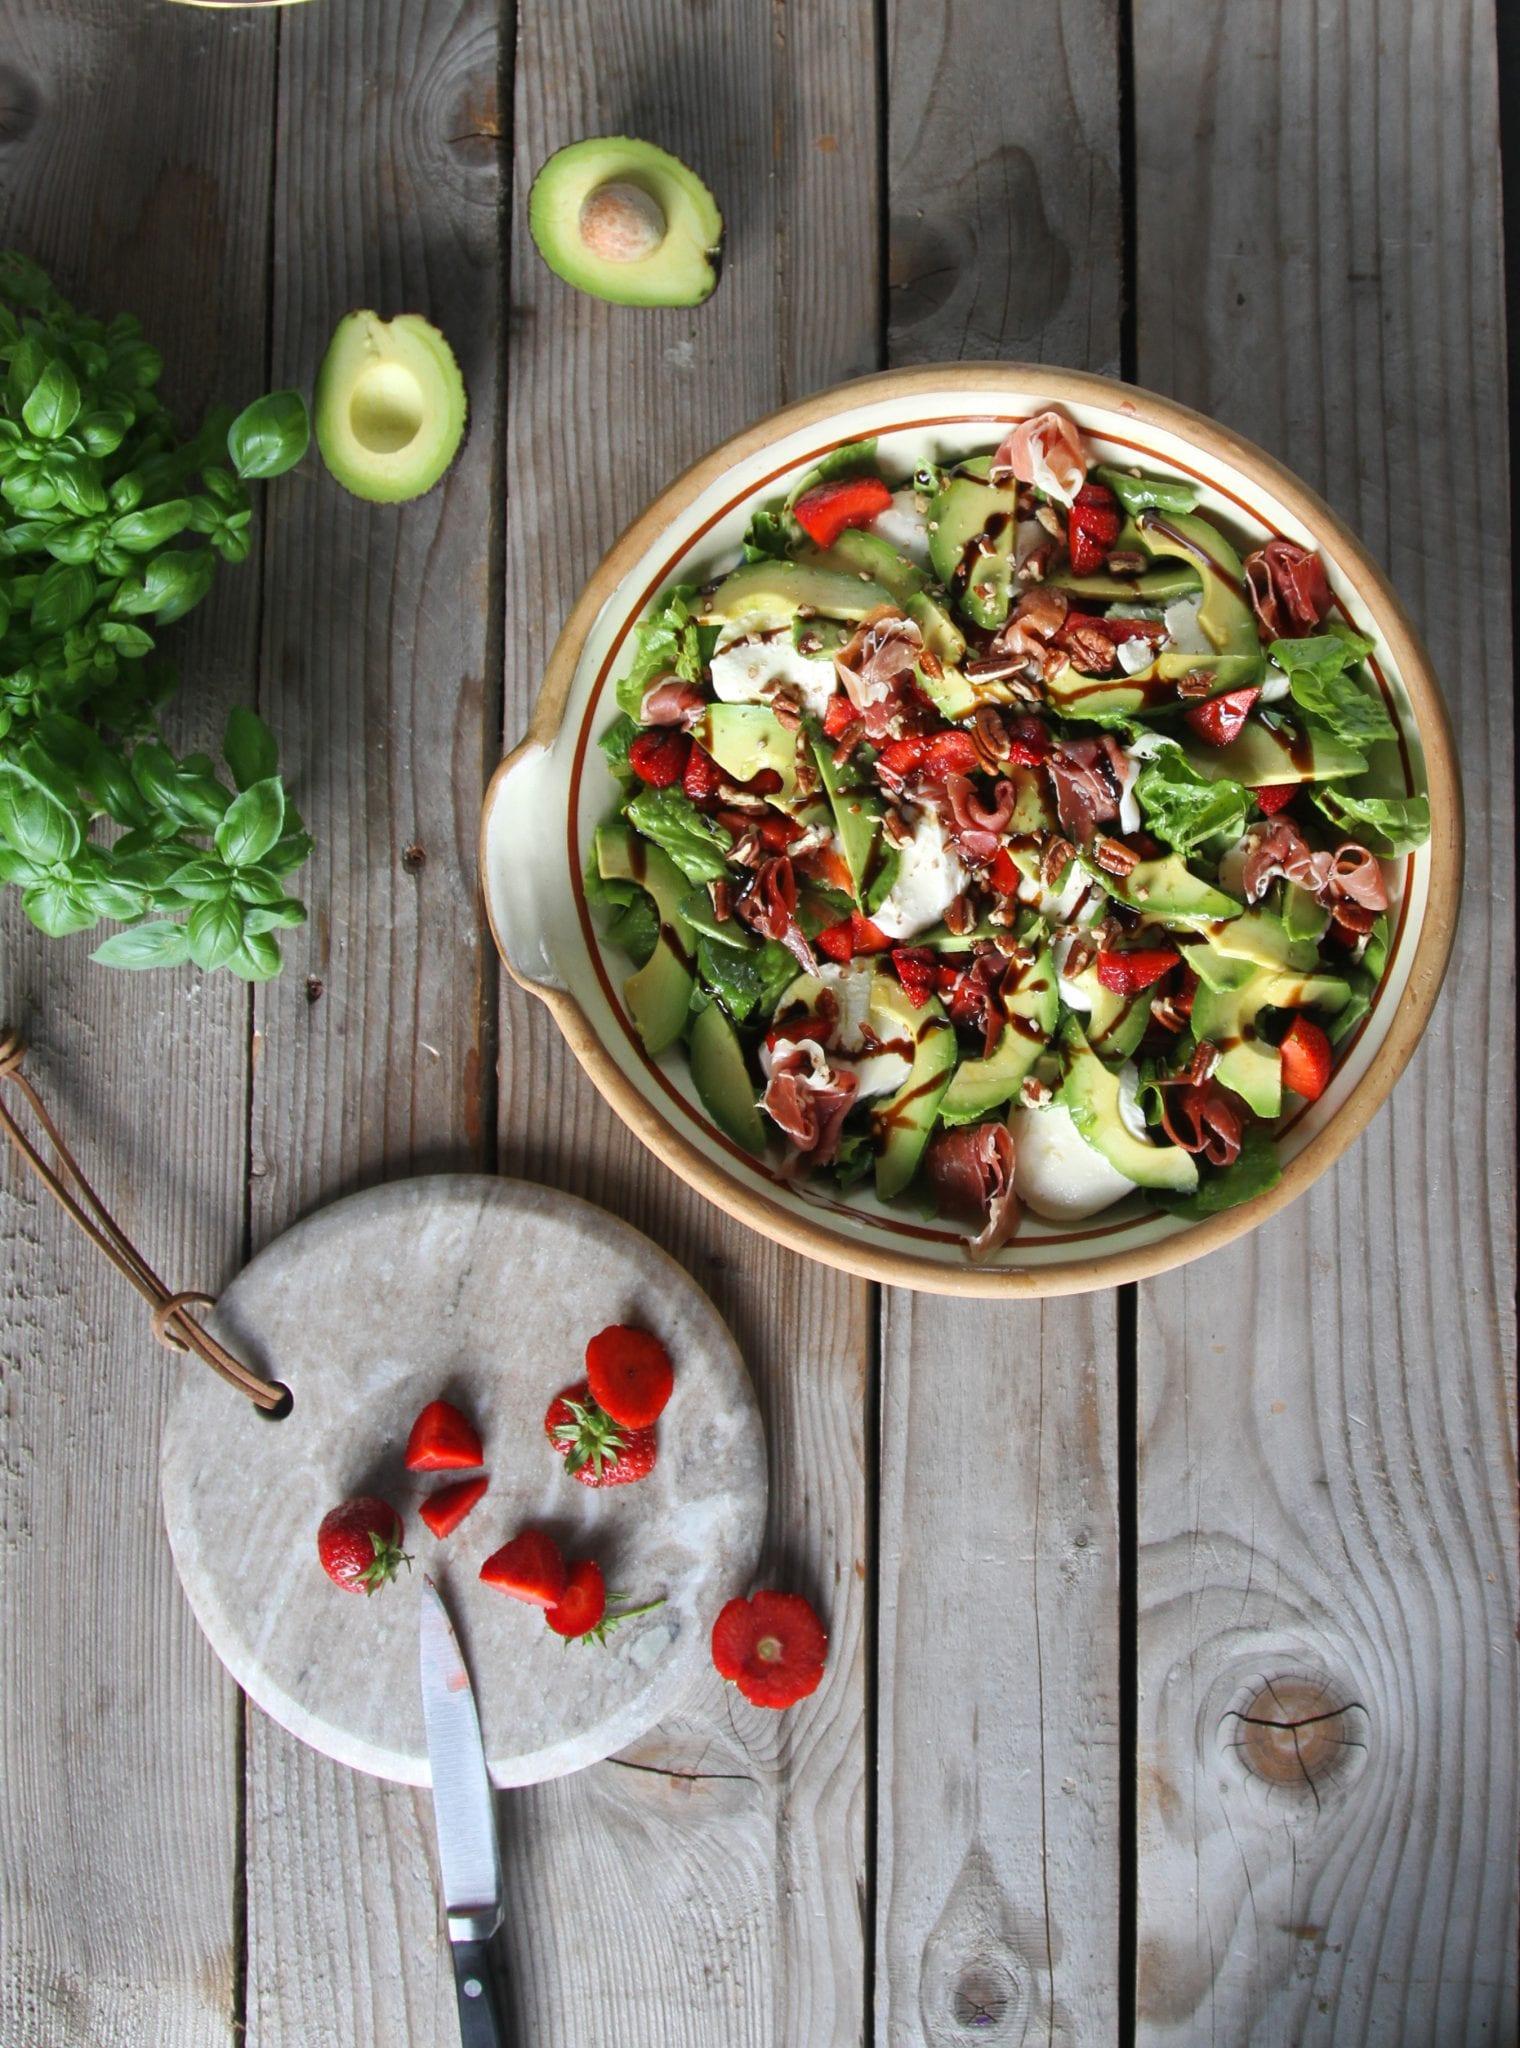 IMG 4977 Skøn sommersalat med jordbær, avokado, mozzarella og serano skinke